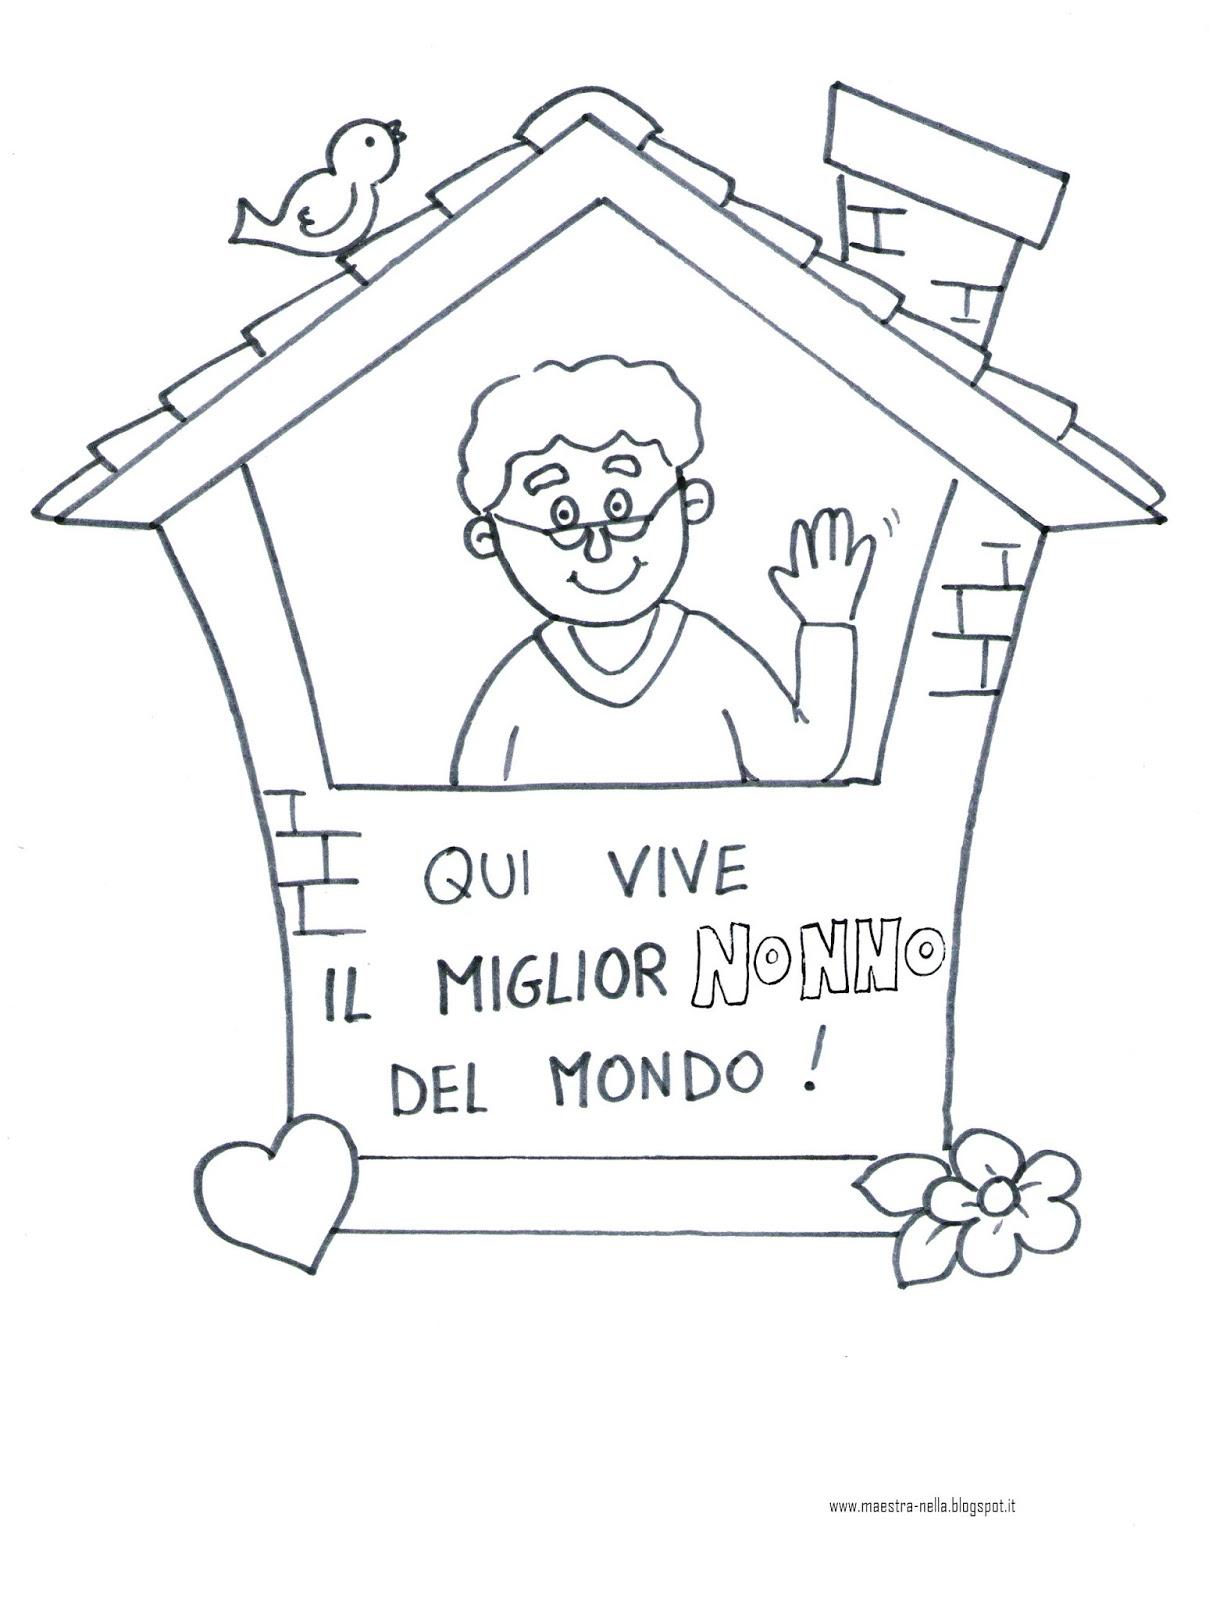 Favorito maestra Nella: Festa dei nonni: quadretto da appendere! AD75